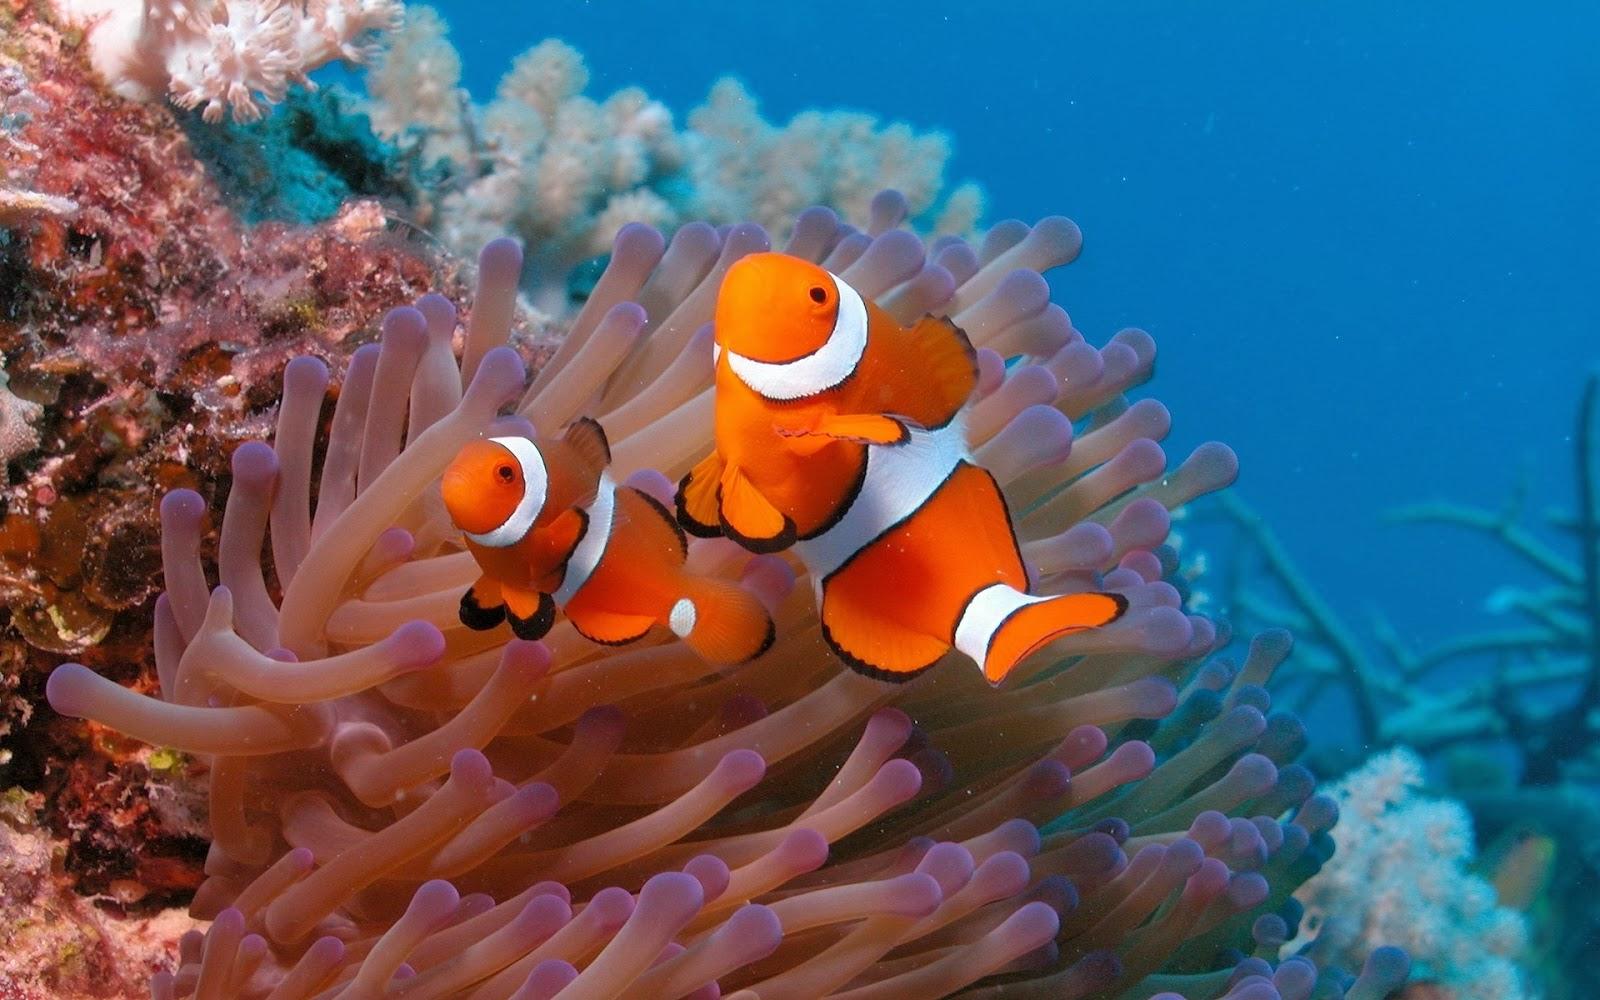 Finding Nemo D Animasi Hd Wallpaper: 20 Wallpaper Bawah Laut Terbaru